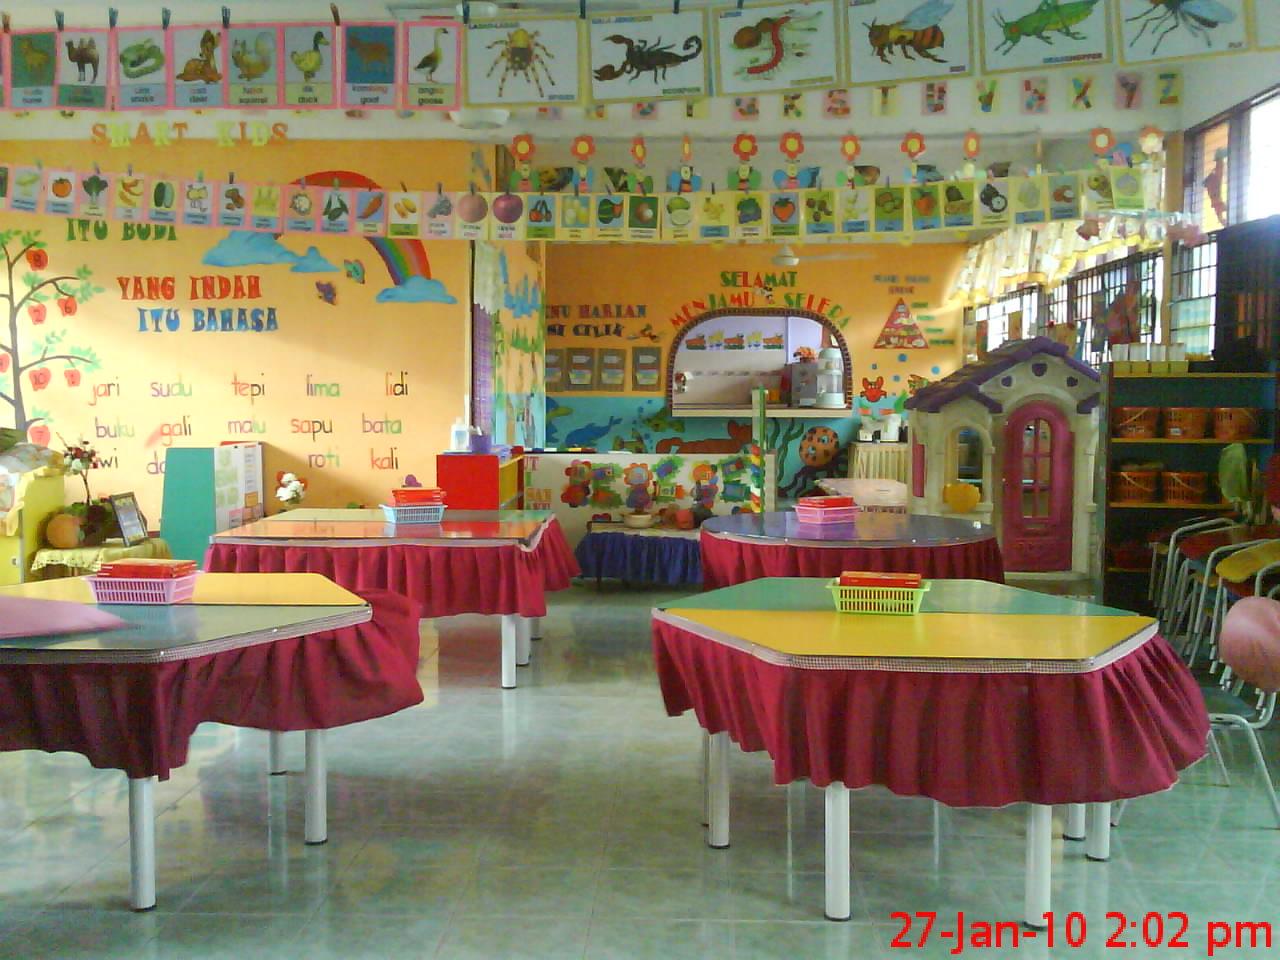 Cikgu eela il preschoolers pce yang lama tukar baru for Contoh lukisan mural tadika